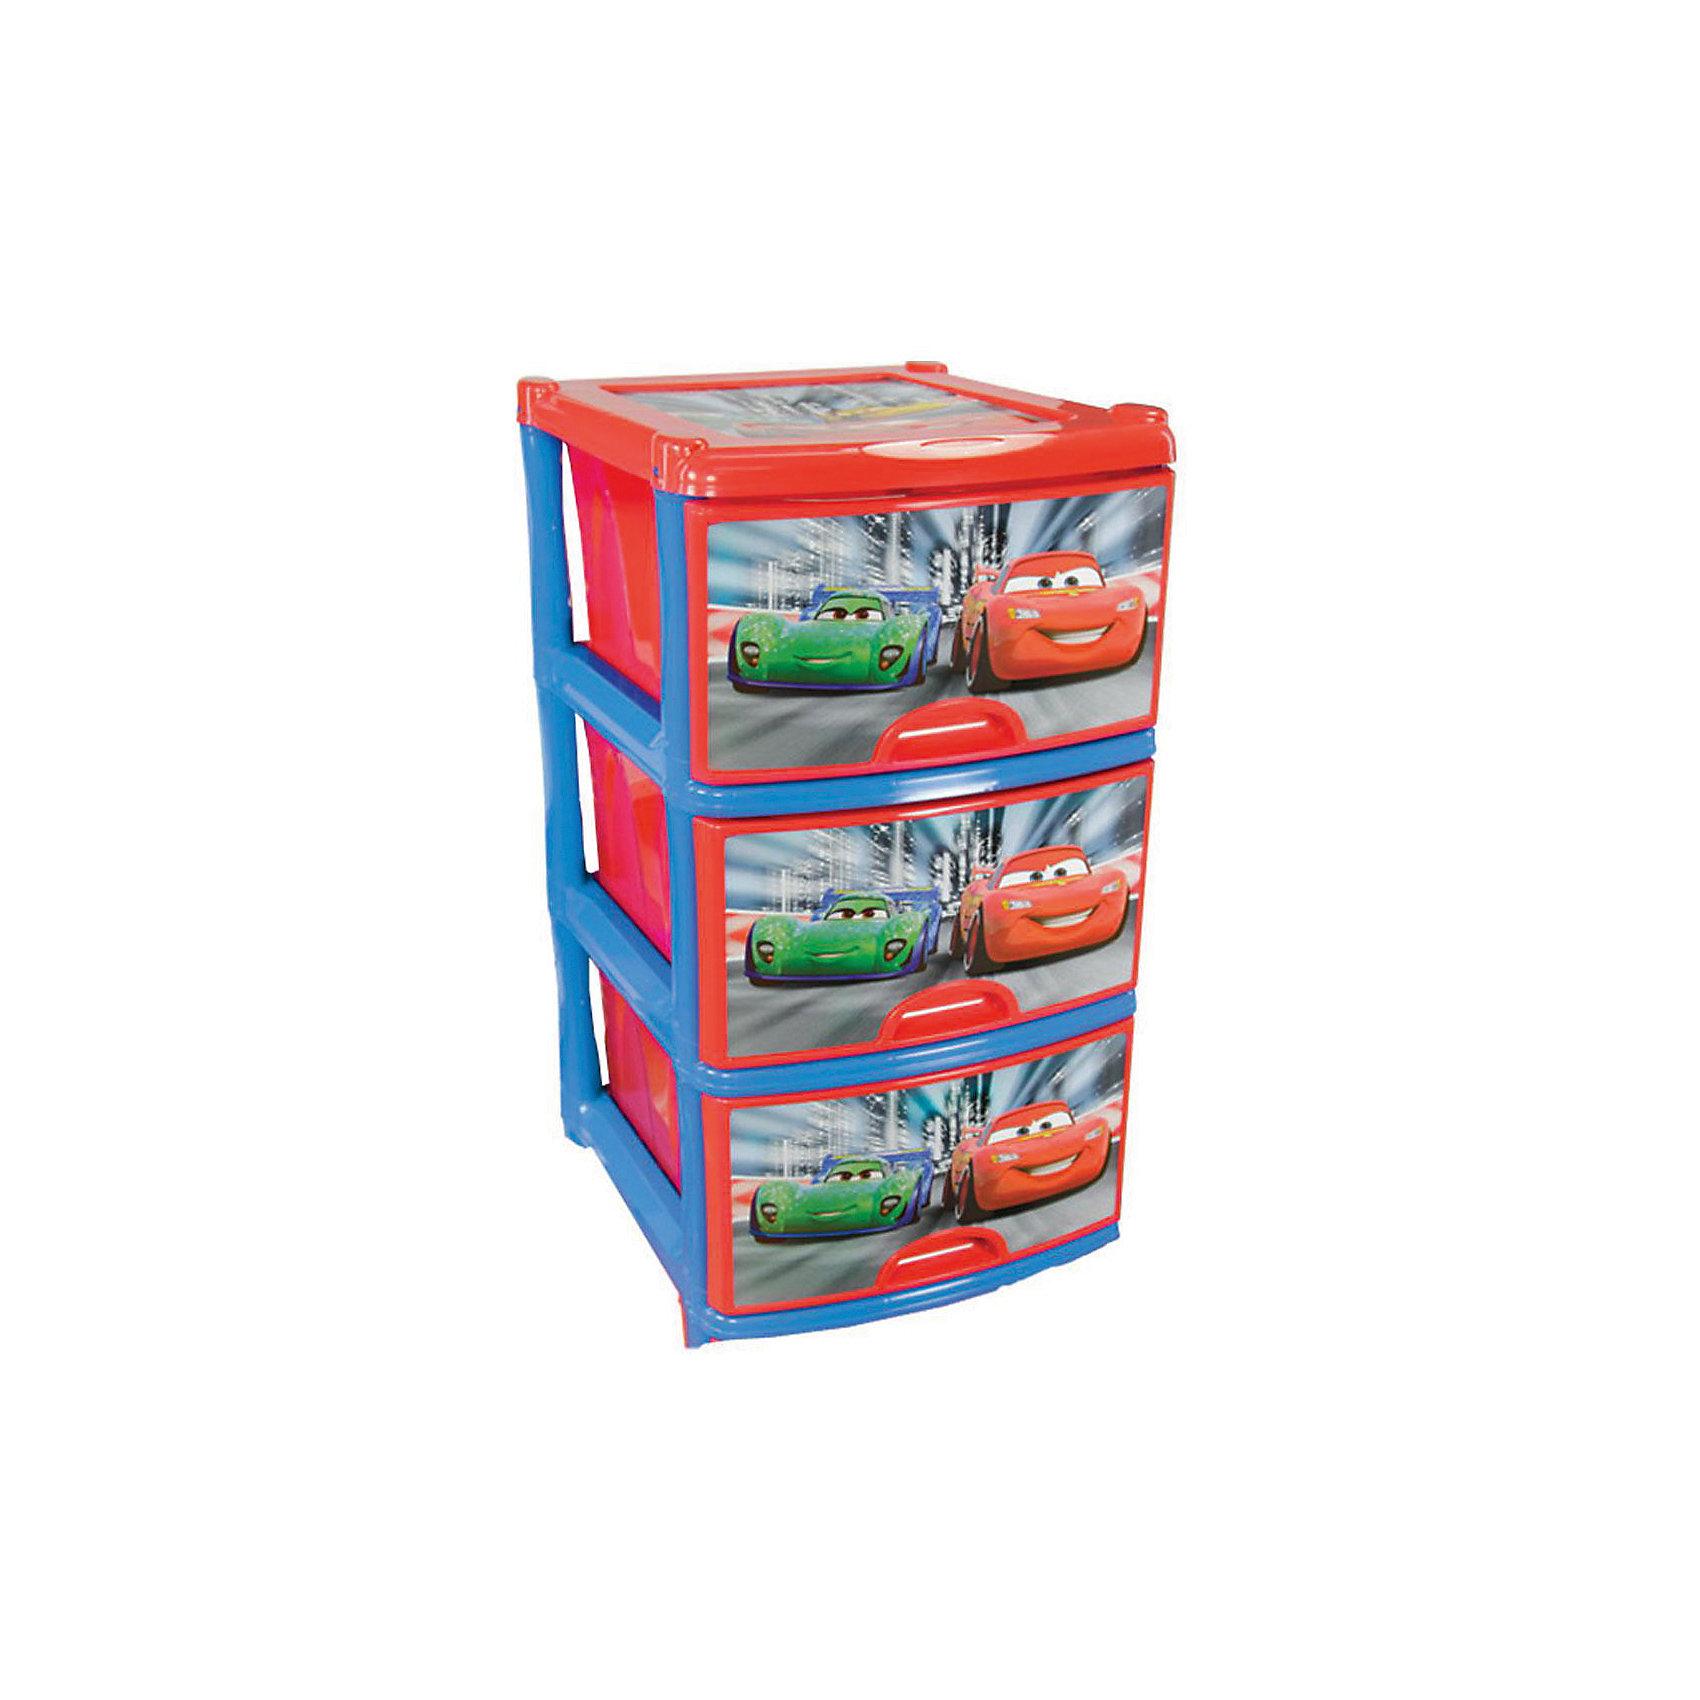 Комод Дисней. Тачки №2, 3-х секционный, AlternativaПорядок в детской<br>Характеристики:<br><br>• Предназначение: для хранения игрушек, одежды, канцелярских принадлежностей и материалов для творчества<br>• Пол: для мальчика<br>• Материал: пластик<br>• Цвет: красный, синий, зеленый<br>• Размер (Д*Ш*В):  48*38*74 см<br>• Вес: 4 кг 200 г<br>• Количество секций: 3 шт.<br>• Тип ящиков: выдвижные, с ручками<br>• В комплекте имеется инструкция по сборке<br>• Форма: прямоугольный<br>• Особенности ухода: разрешается мыть теплой водой<br><br>Комод Дисней №2 3-х секционный, Alternativa изготовлен отечественным производителем ООО ЗПИ Альтернатива, который специализируется на выпуске широкого спектра изделий и предметов мебели из пластика. Комод выполнен из экологически безопасного материала, устойчивого к механическим повреждениям. Имеет компактный размер и повышенную вместимость за счет глубоких ящиков. Каркас комода устойчивый, ножки оснащены маленькими колесиками для удобства передвижения. Ящики оформлены сюжетами с героями из мультсериала Тачки. Комод Дисней №2 3-х секционный, Alternativa станет не только полезным для хранения игрушек, одежды и различных принадлежностей, но и ярким предметом интерьера. <br><br>Комод Дисней №2 3-х секционный, Alternativa можно купить в нашем интернет-магазине.<br><br>Ширина мм: 480<br>Глубина мм: 380<br>Высота мм: 740<br>Вес г: 3444<br>Возраст от месяцев: -2147483648<br>Возраст до месяцев: 2147483647<br>Пол: Мужской<br>Возраст: Детский<br>SKU: 5096522